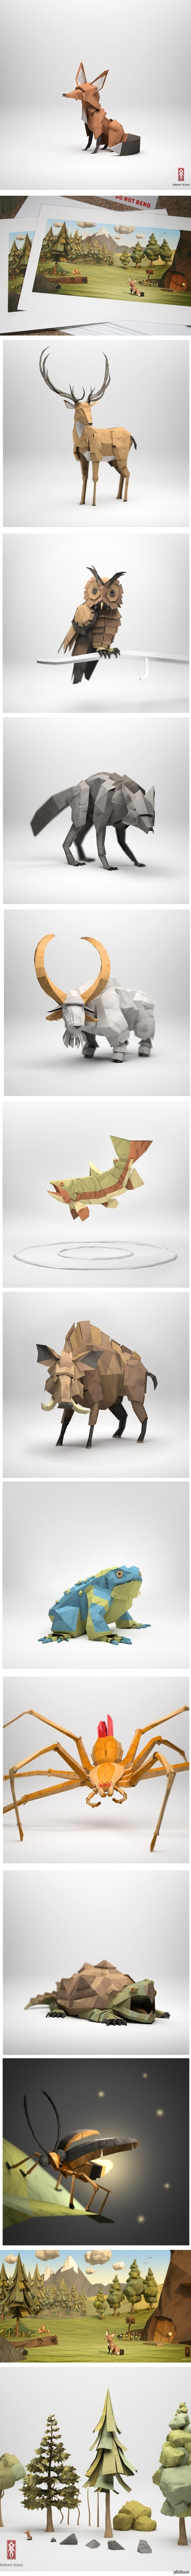 Paper nature